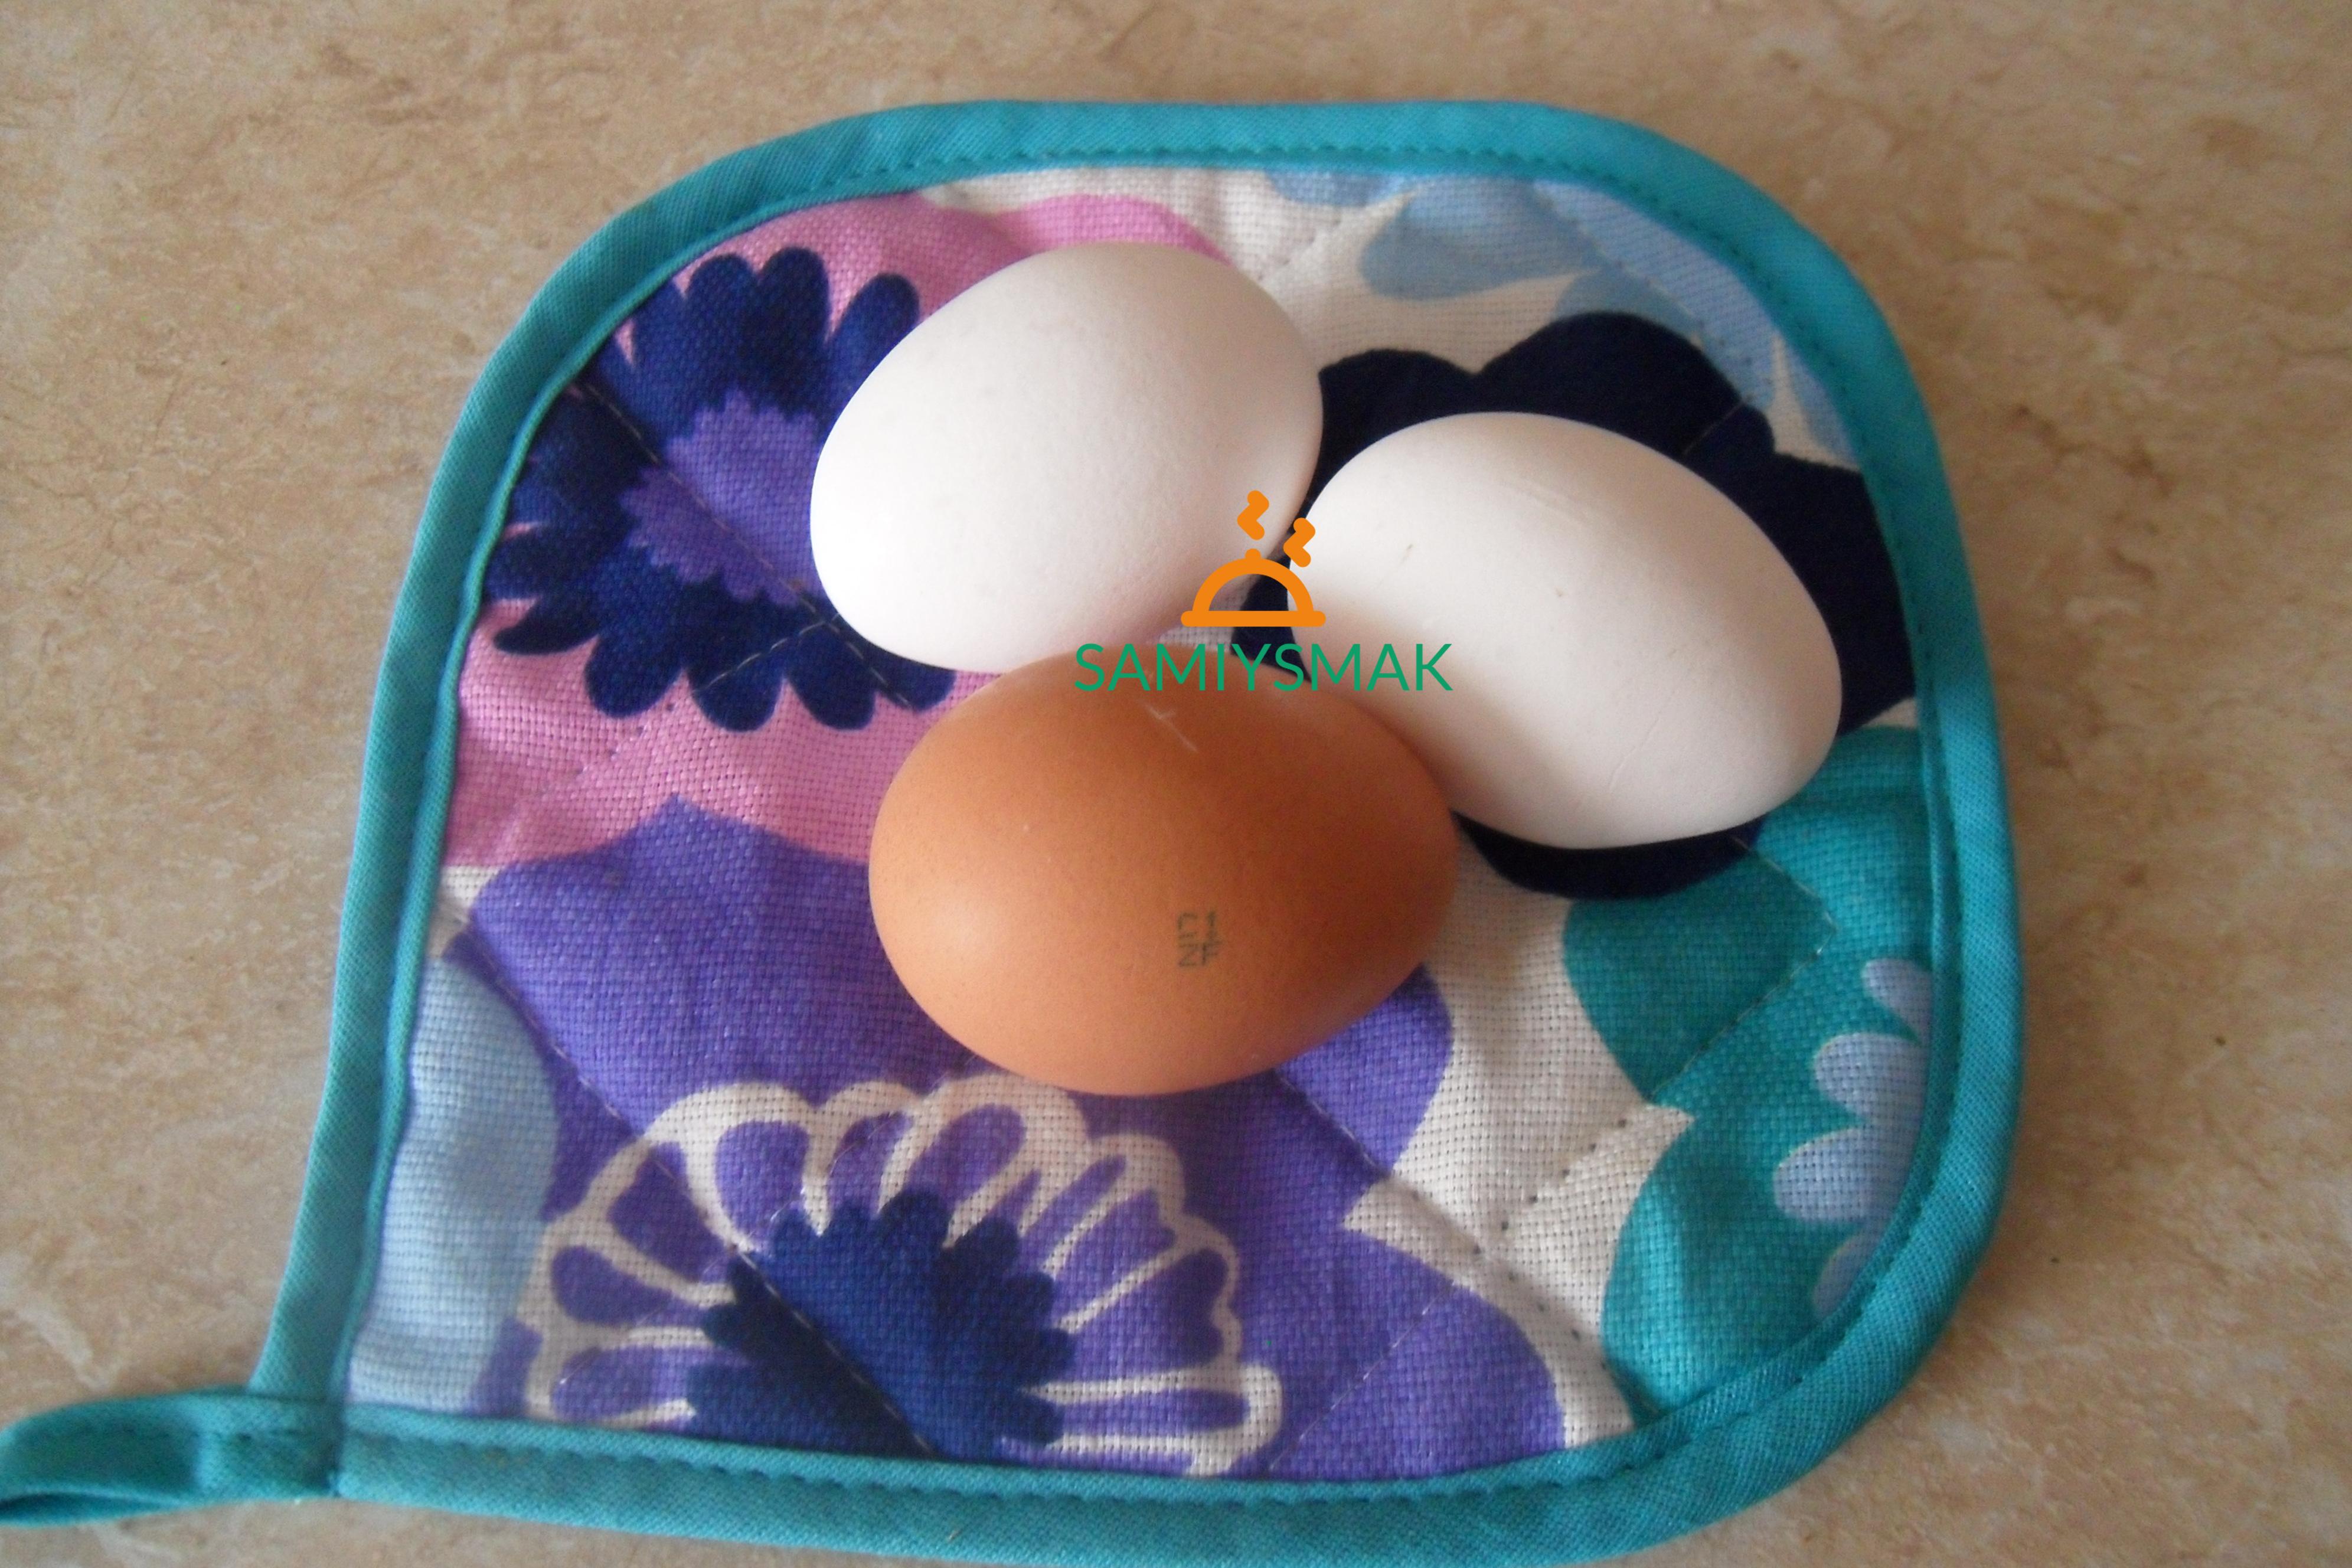 Яйца для омлета Пуляр